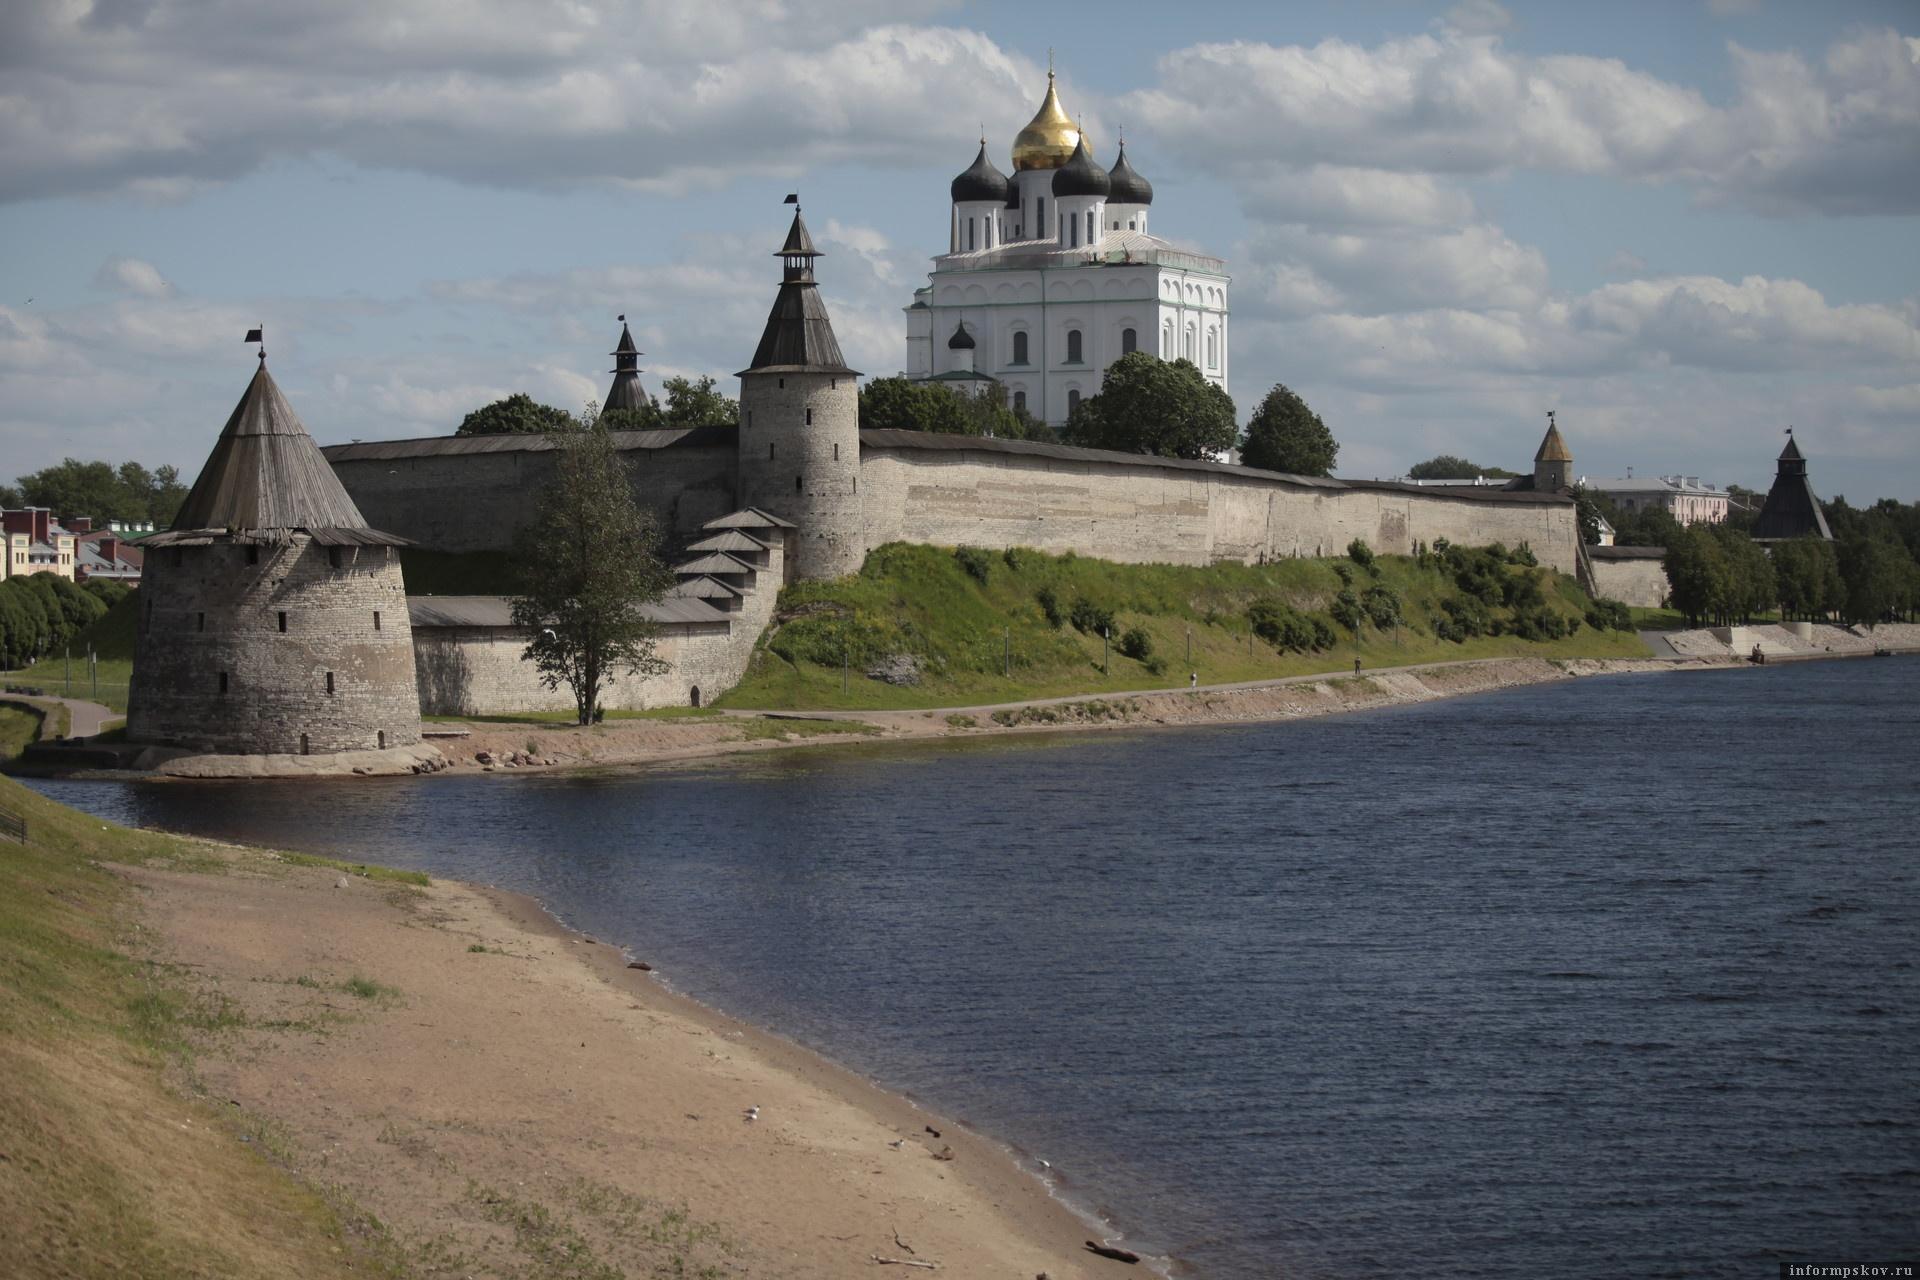 Во всех храмах Псковской области День Победы будут встречать праздничным колокольным звоном. Фото: Андрей Степанов.